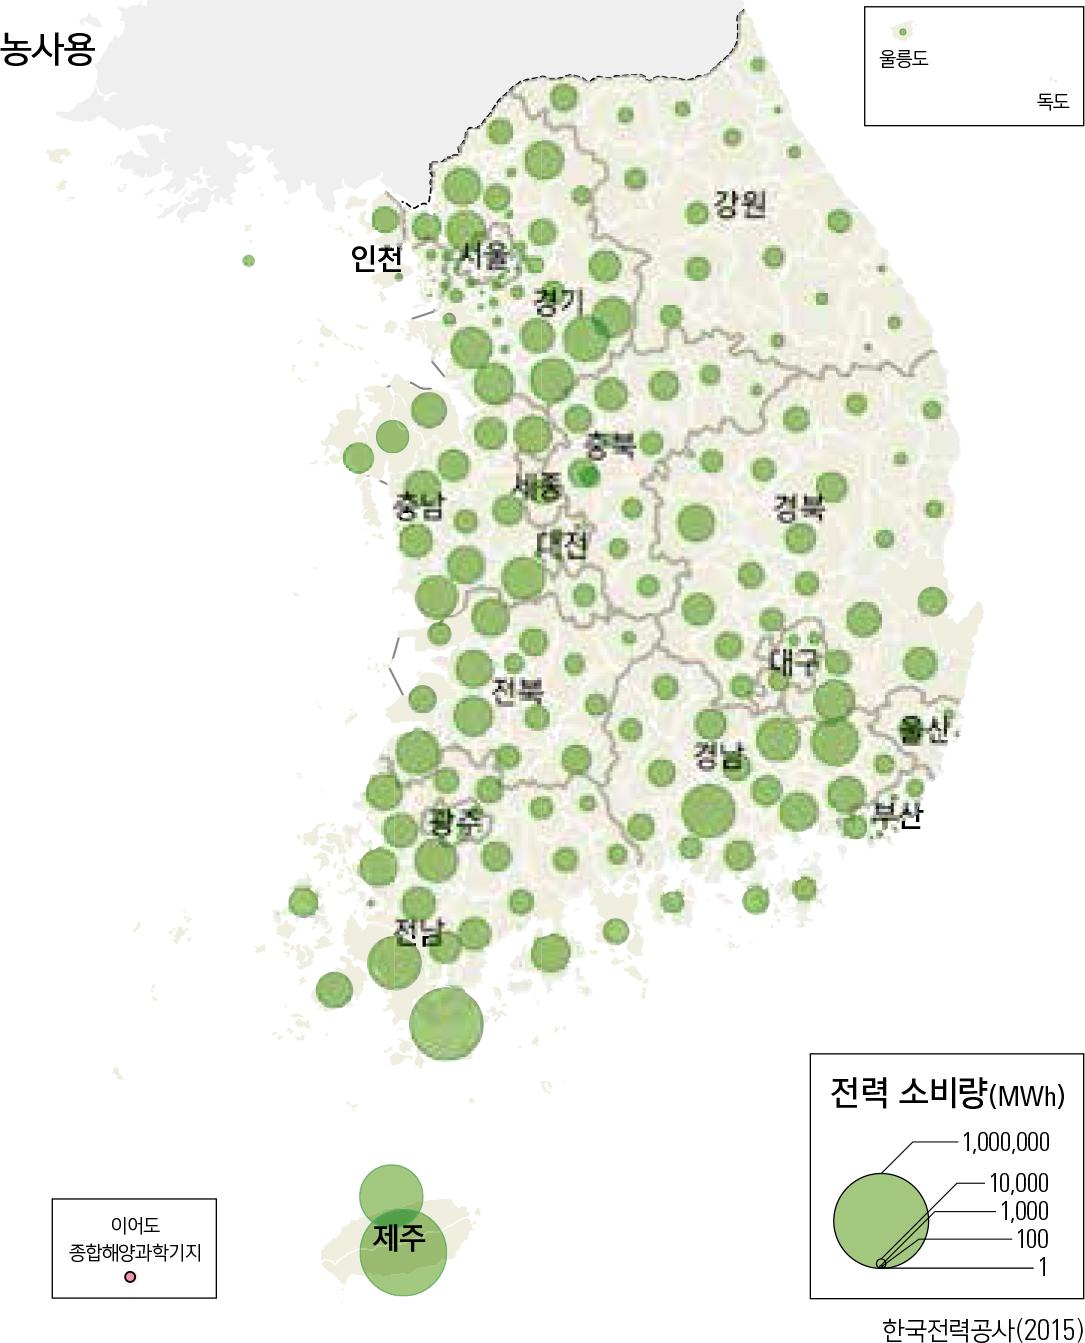 종류별 전력 소비량(2014년) / 농사용